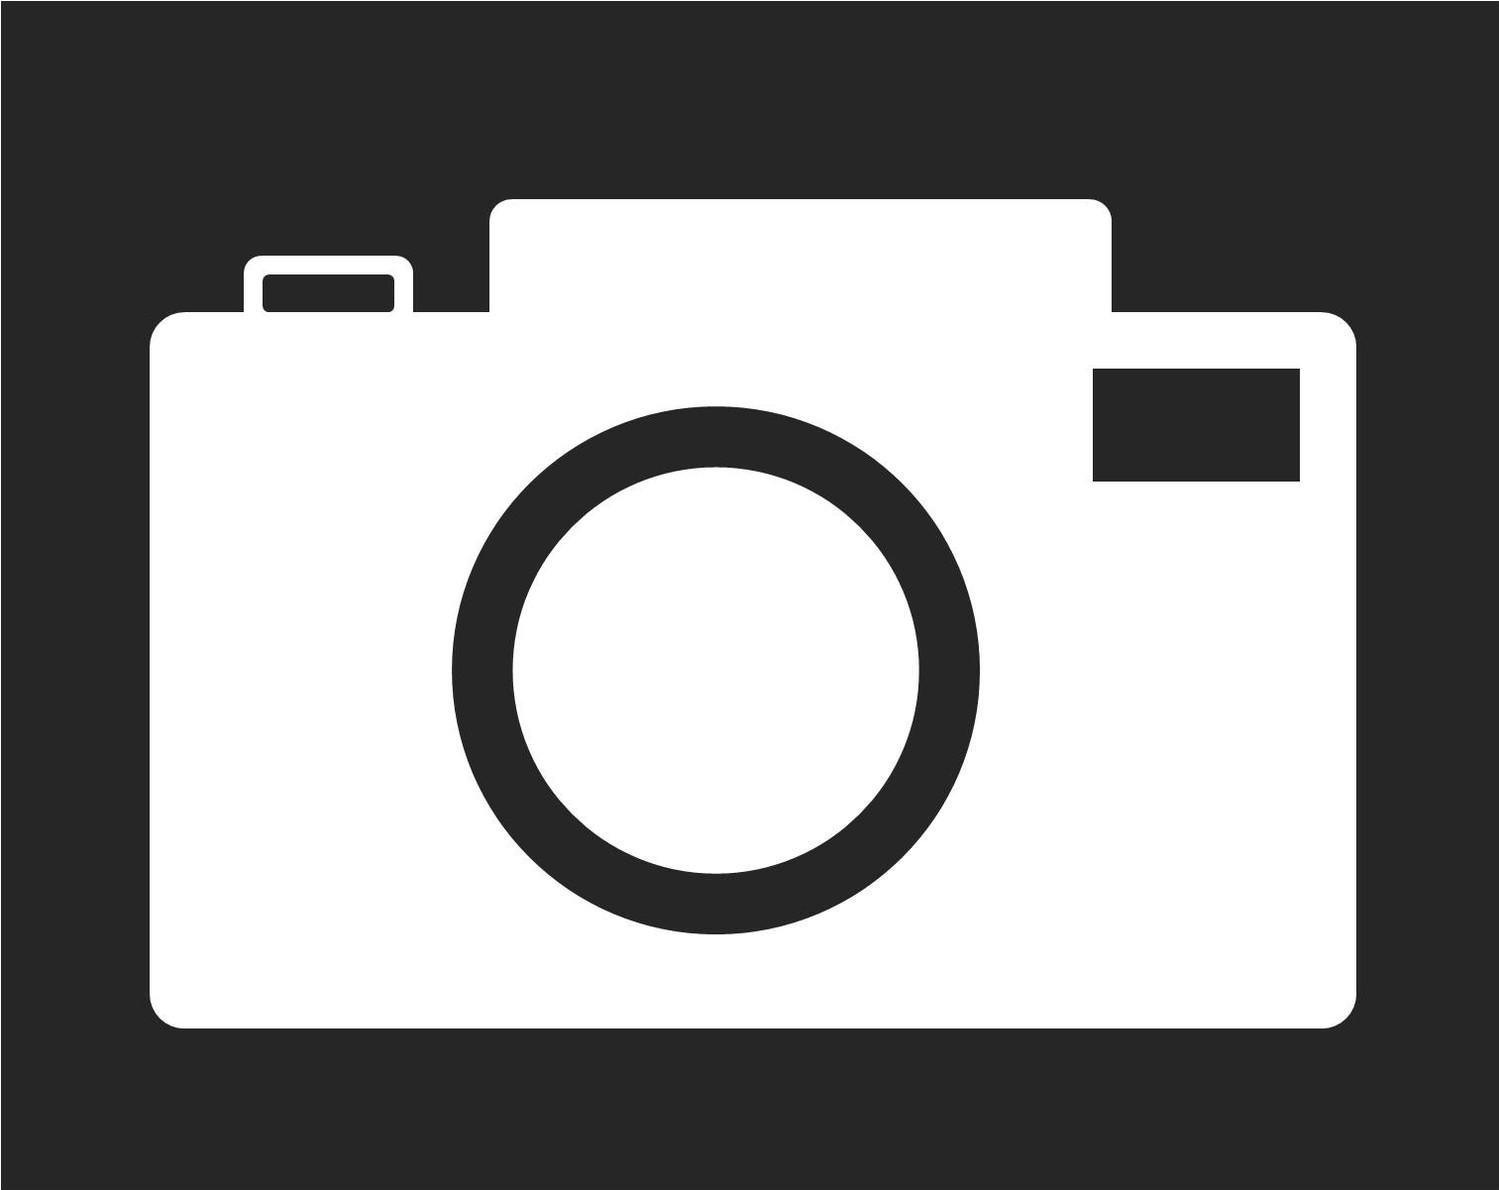 1499x1190 Camera Silhouette